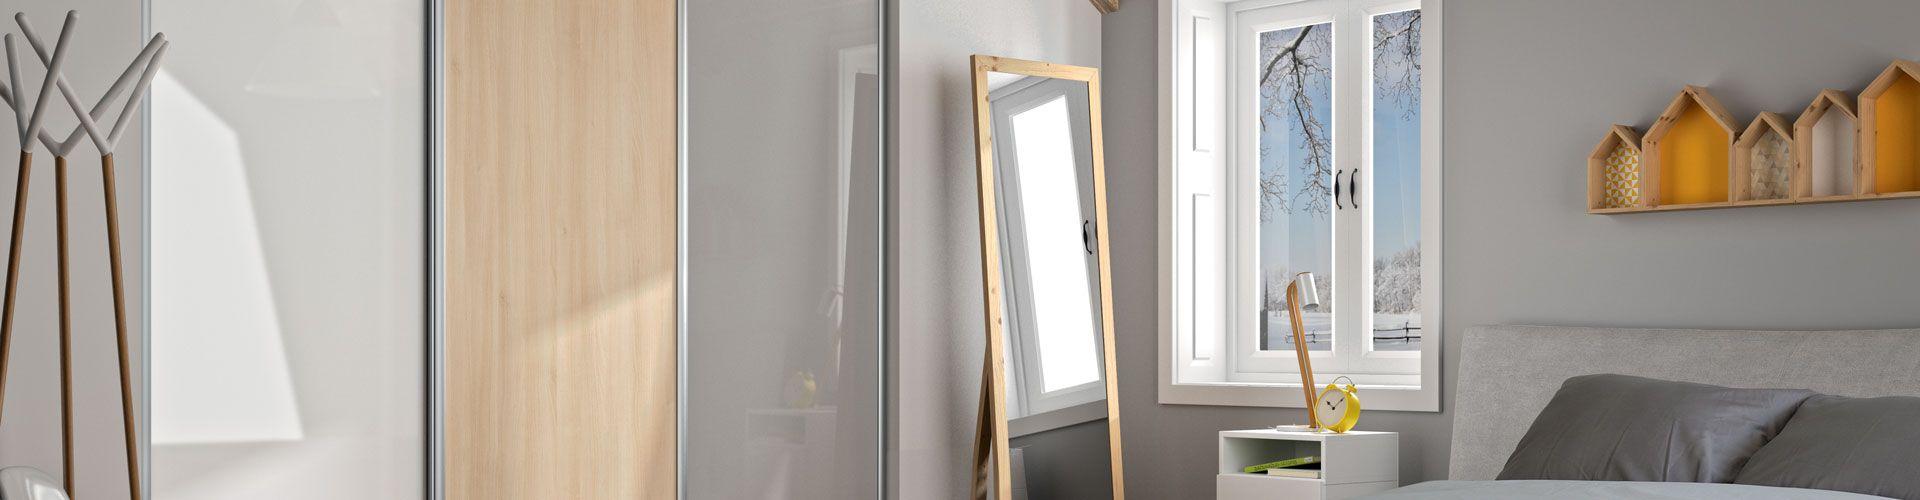 helsinki kazed. Black Bedroom Furniture Sets. Home Design Ideas